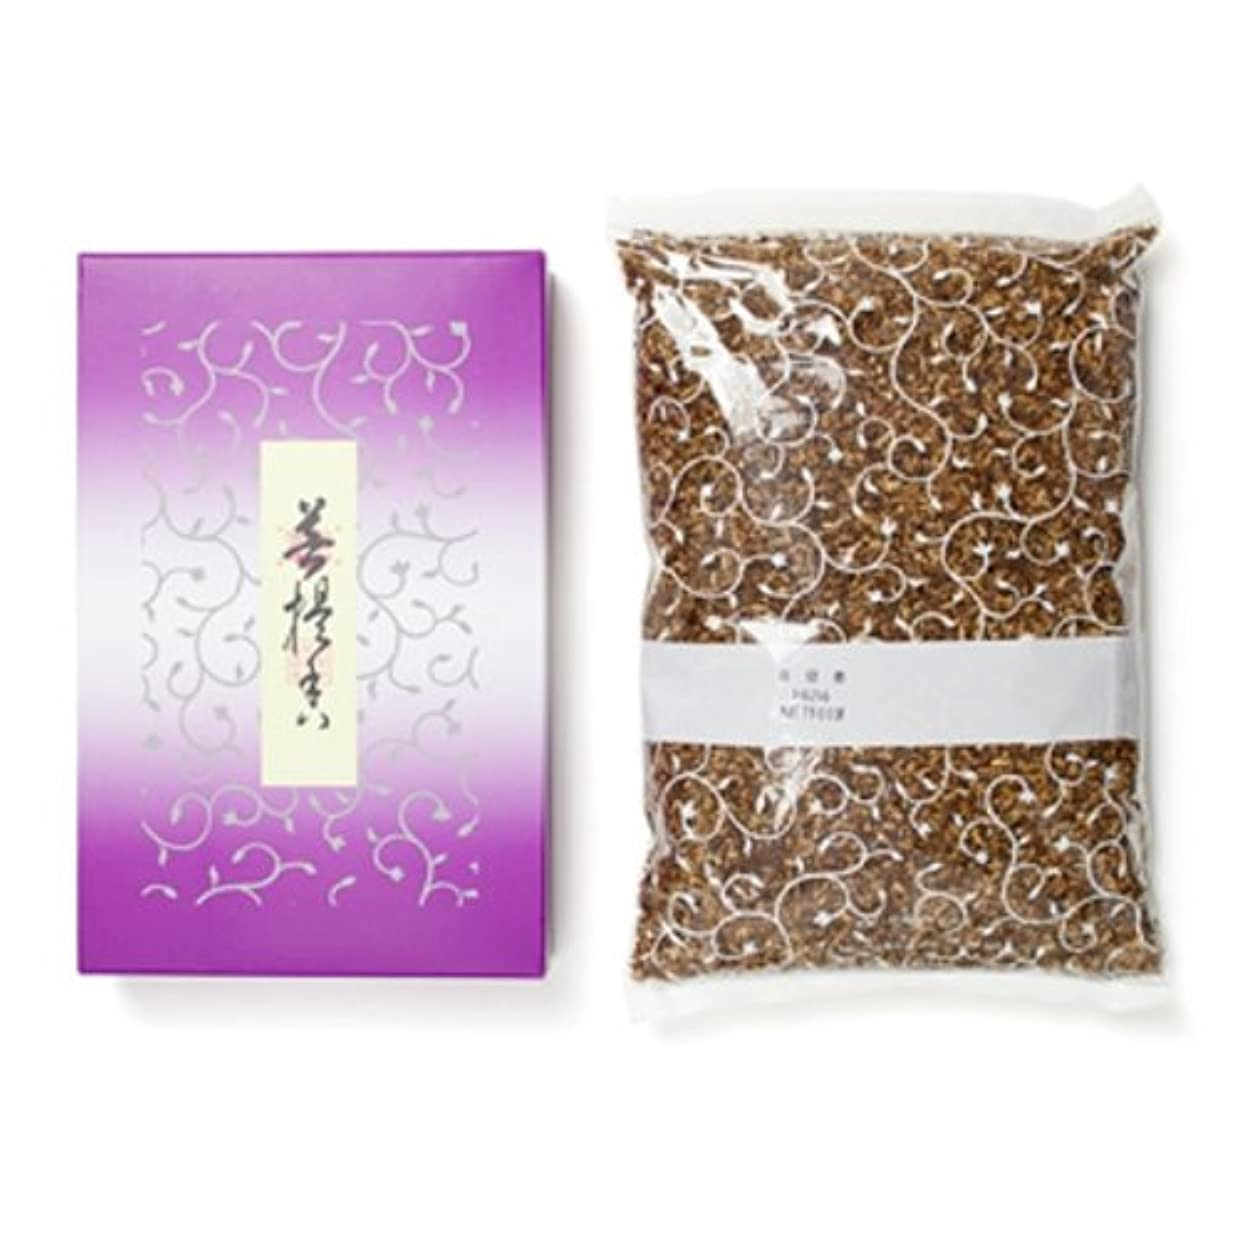 十二計り知れない夕方松栄堂のお焼香 菩提香 500g詰 紙箱入 #410411